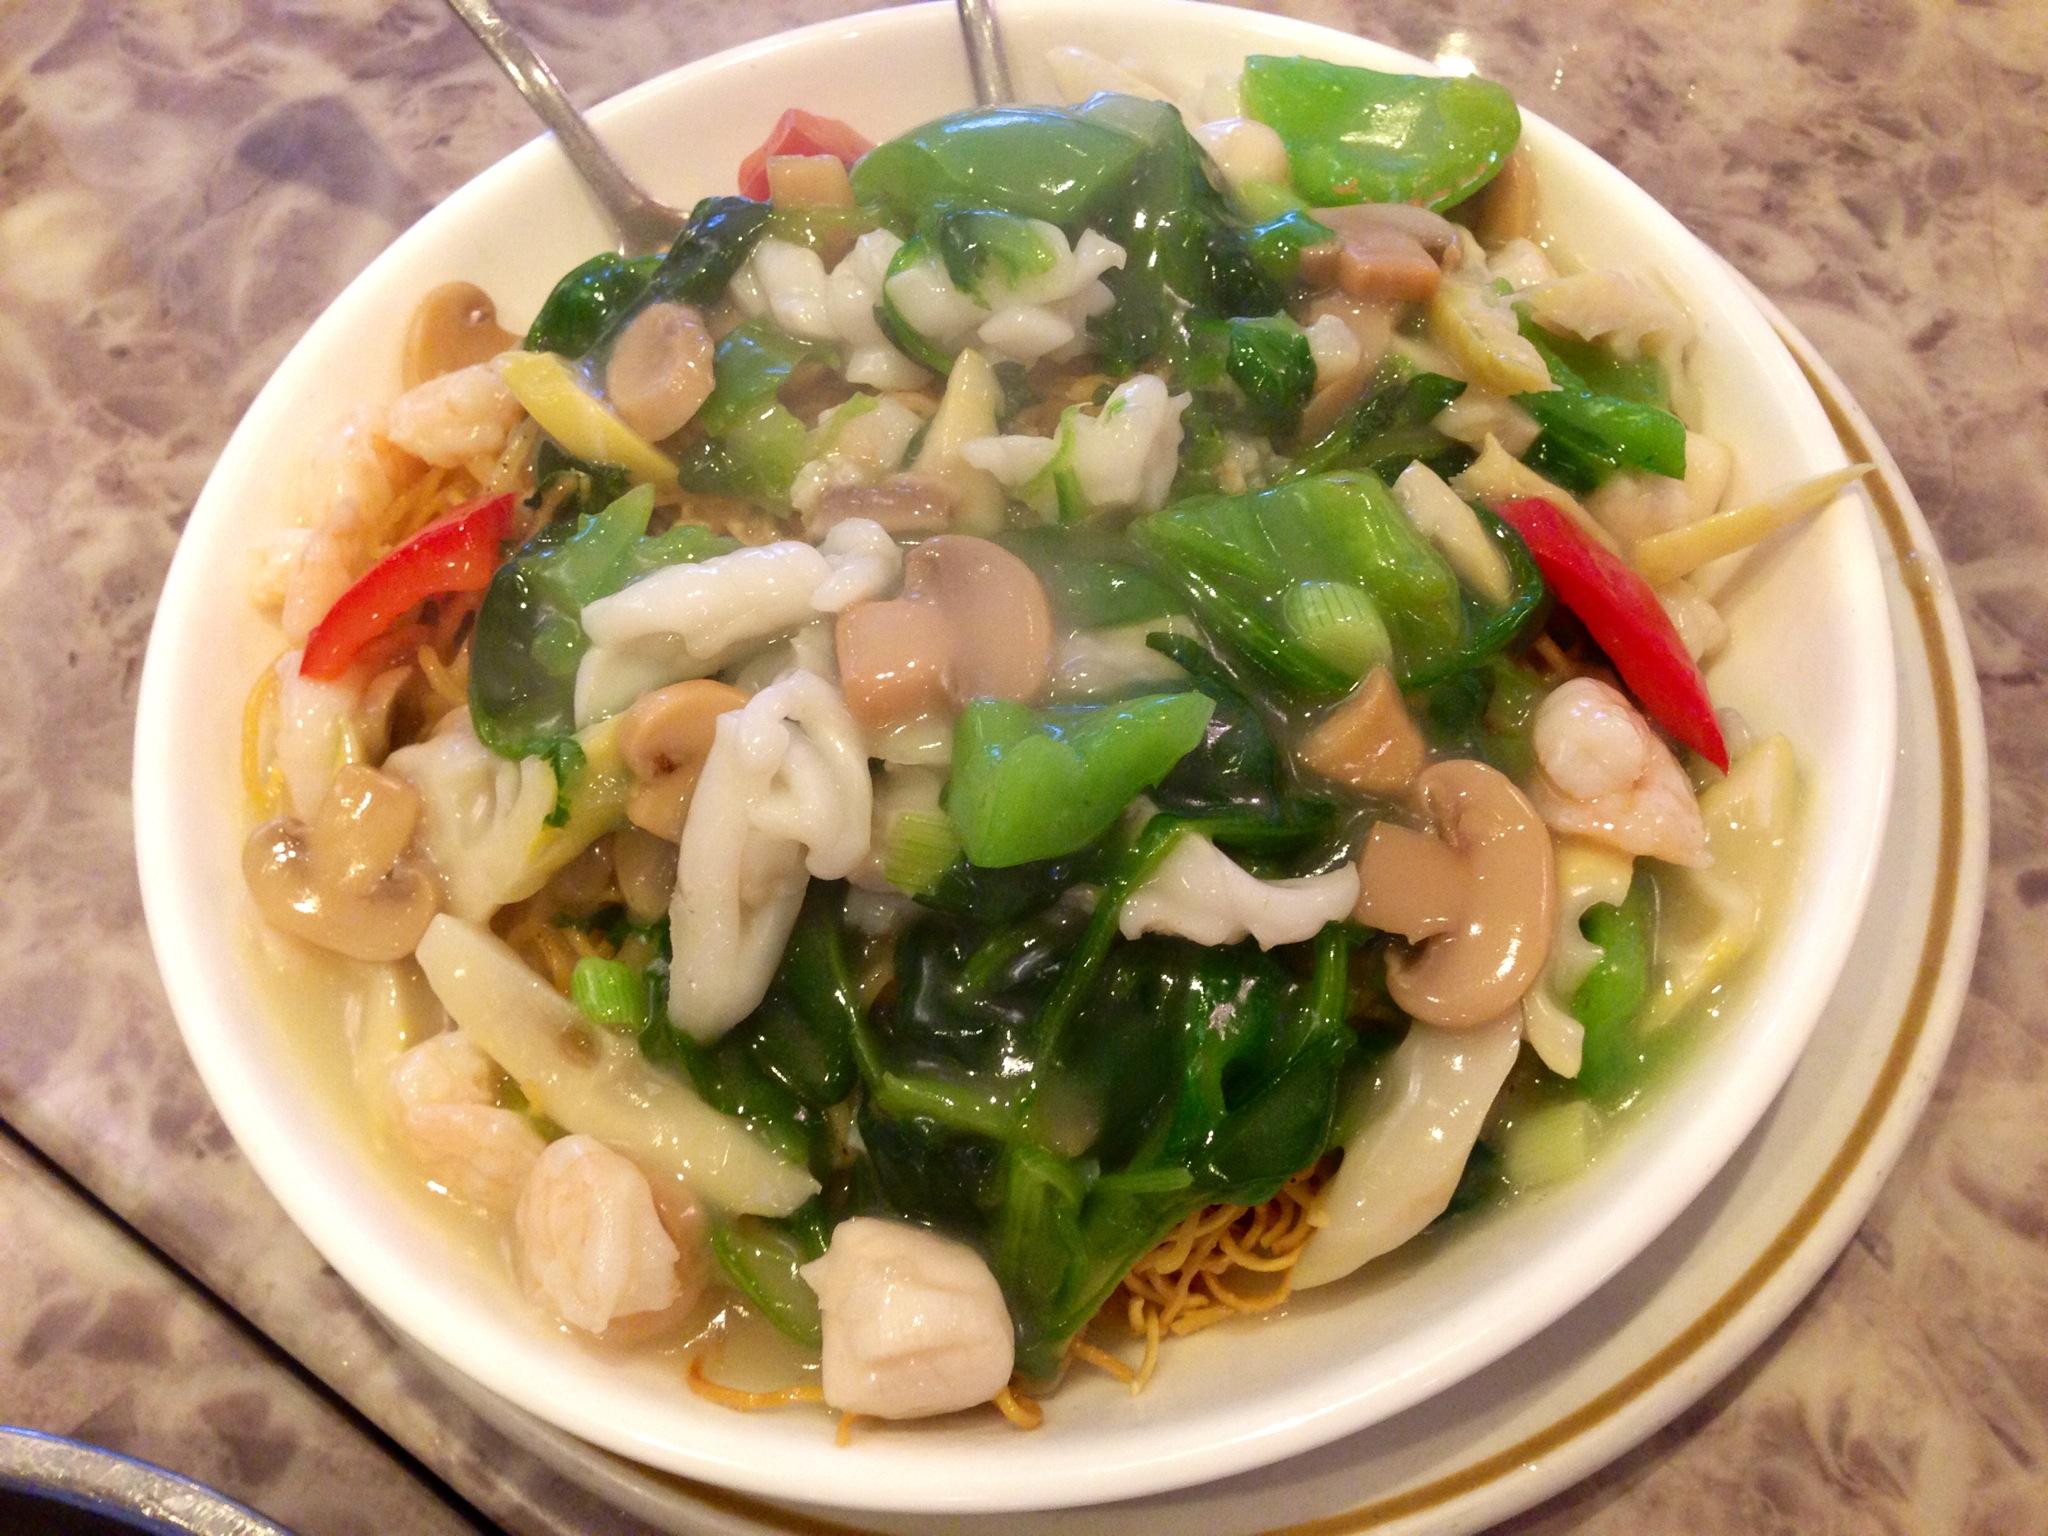 Seafood on Fried Egg Noodle @ Shanghai Xiao Long Bao